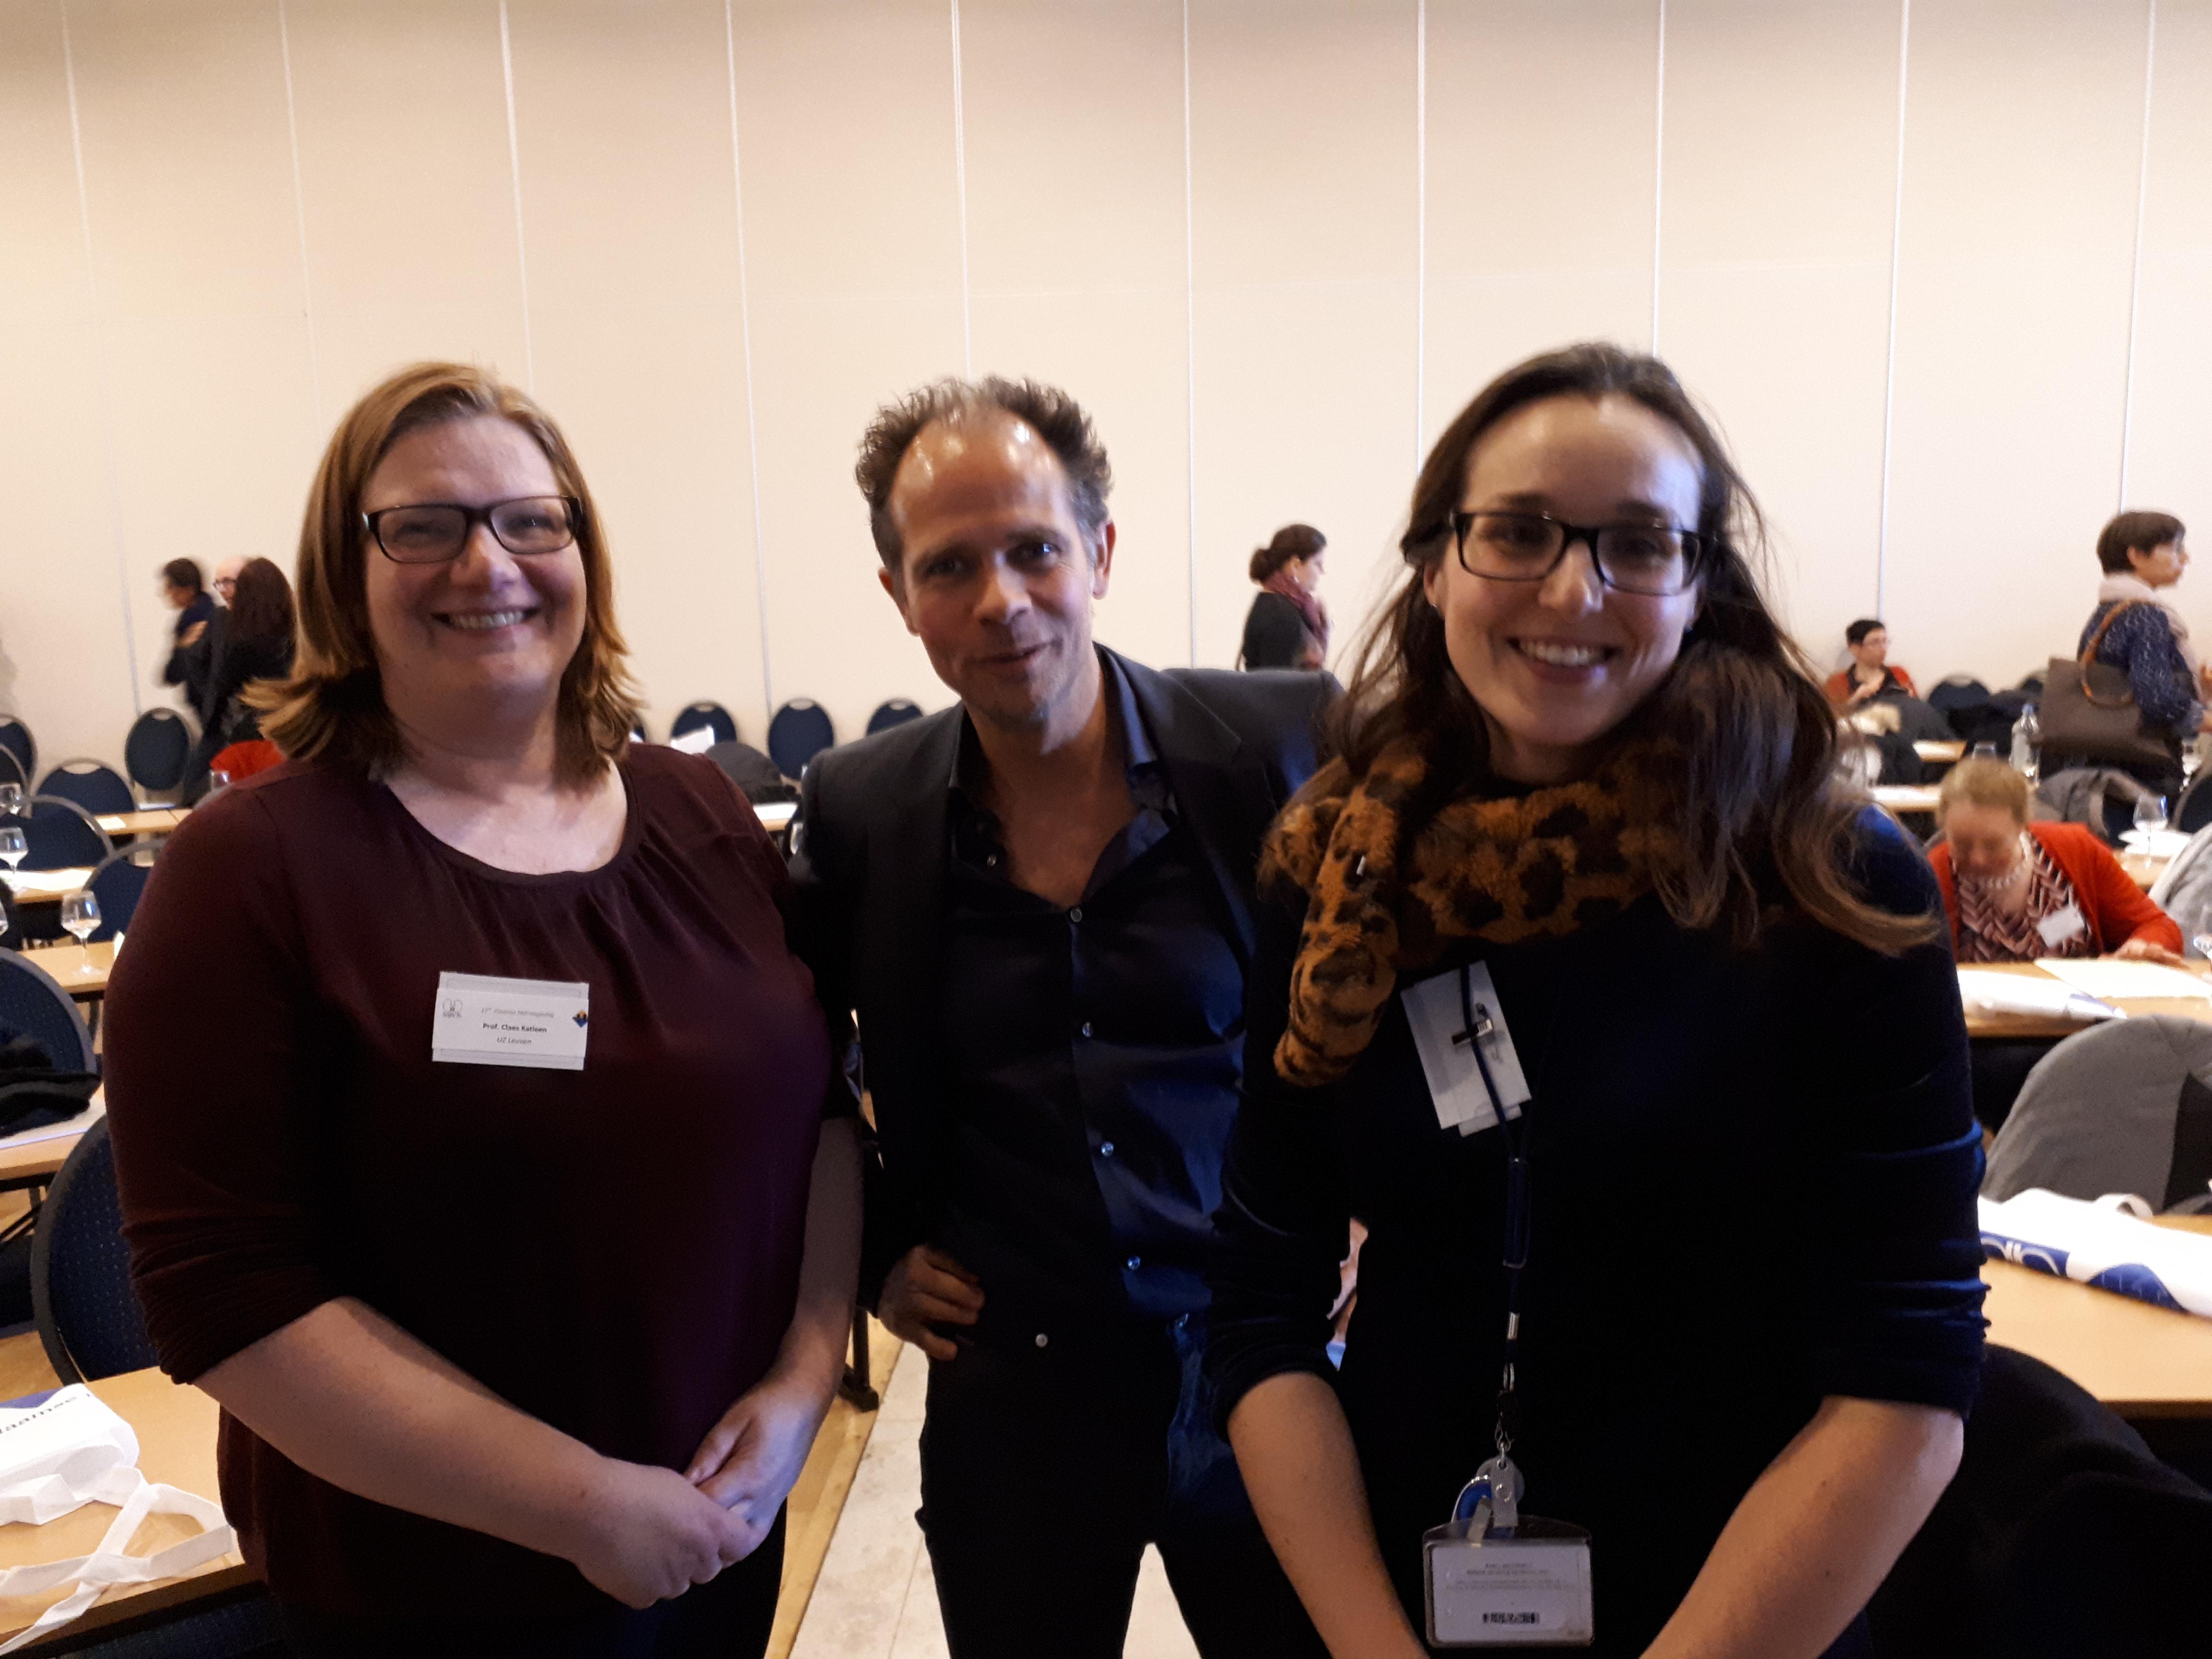 prof. dr. Claes, dr. Lemahieu en dr. Moernaut